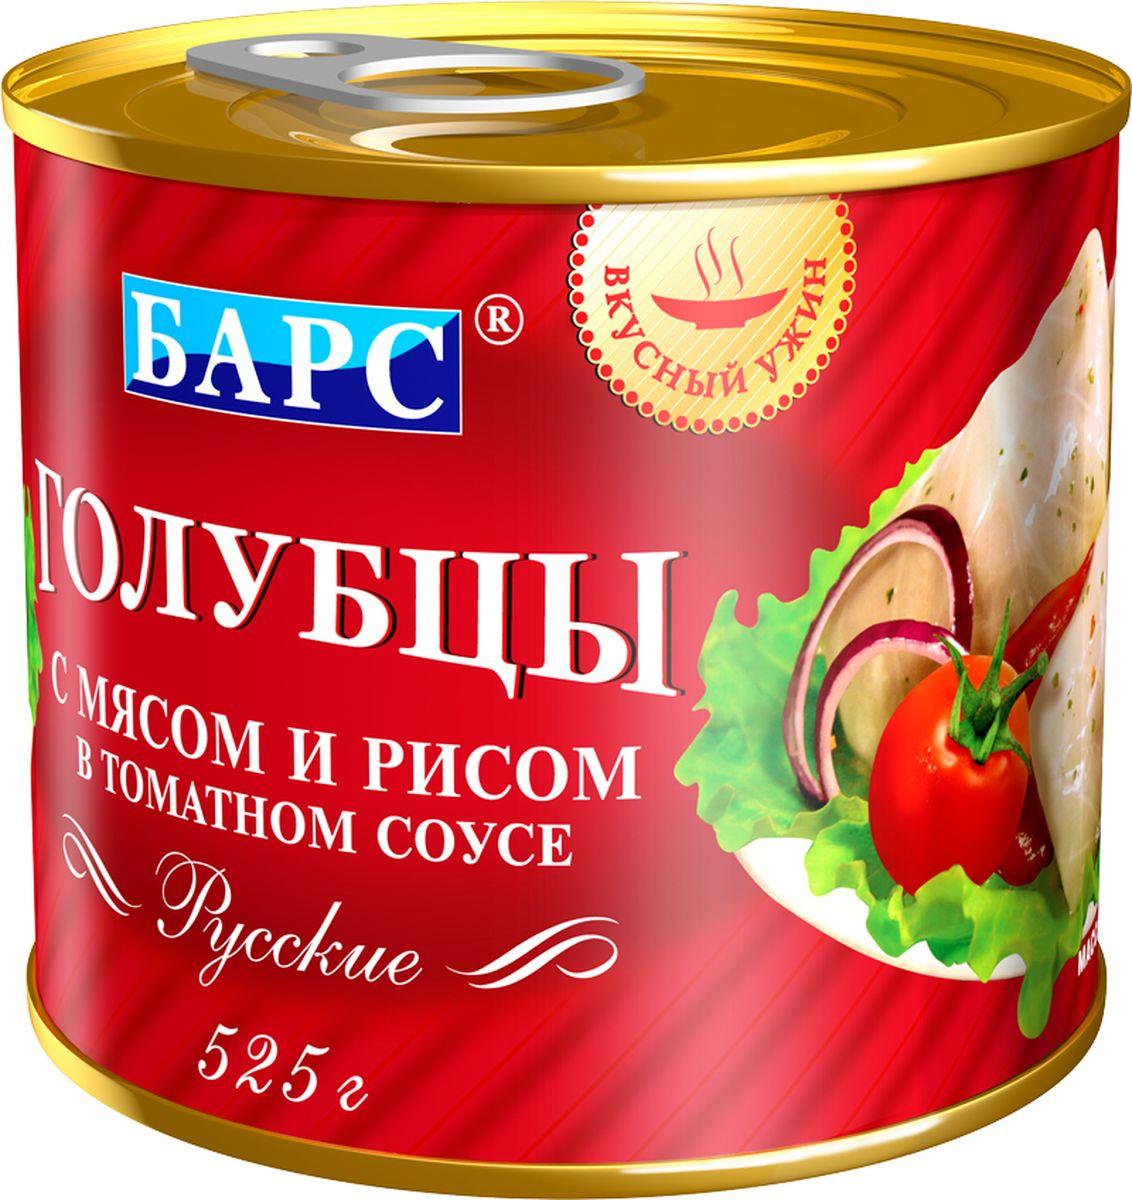 Вкусный ужин Барс голубцы с мясом и рисом в томатном соусе русские, 525 г голубцы с мясом каждый день 525г